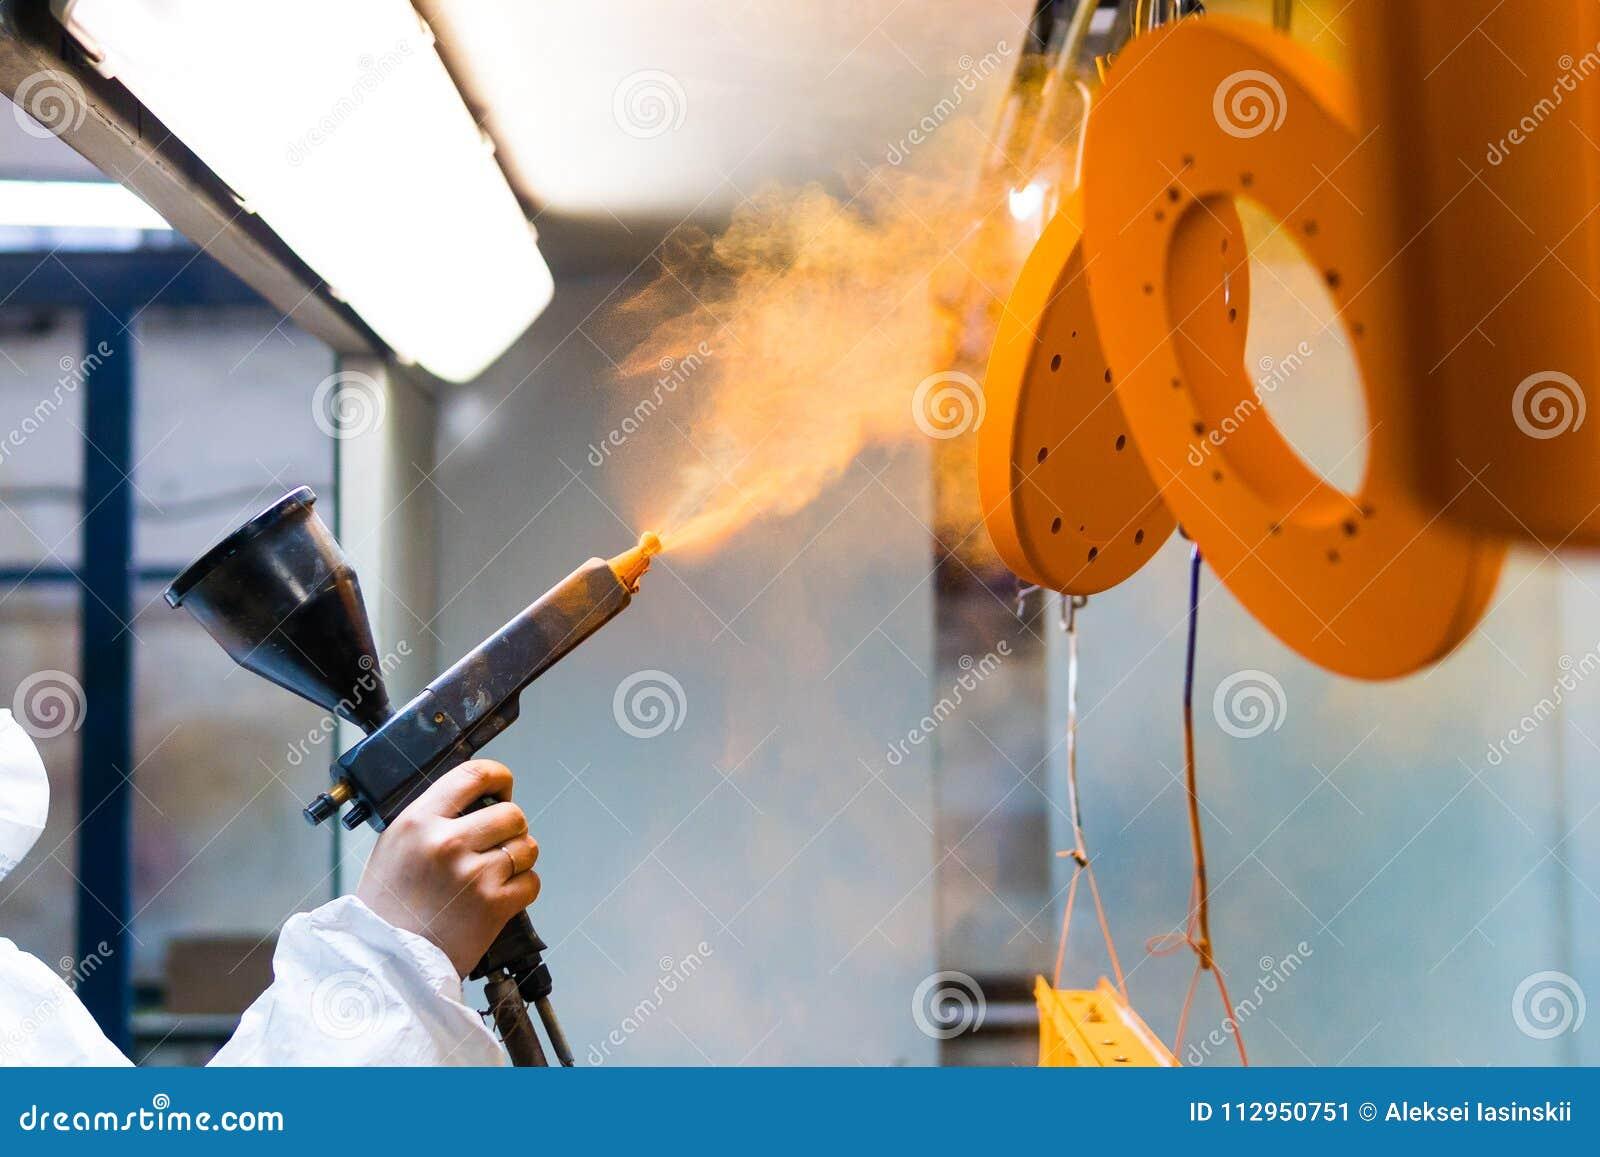 Capa del polvo de piezas de metal Una mujer en un traje protector rocía la pintura del polvo de un arma en productos de metal